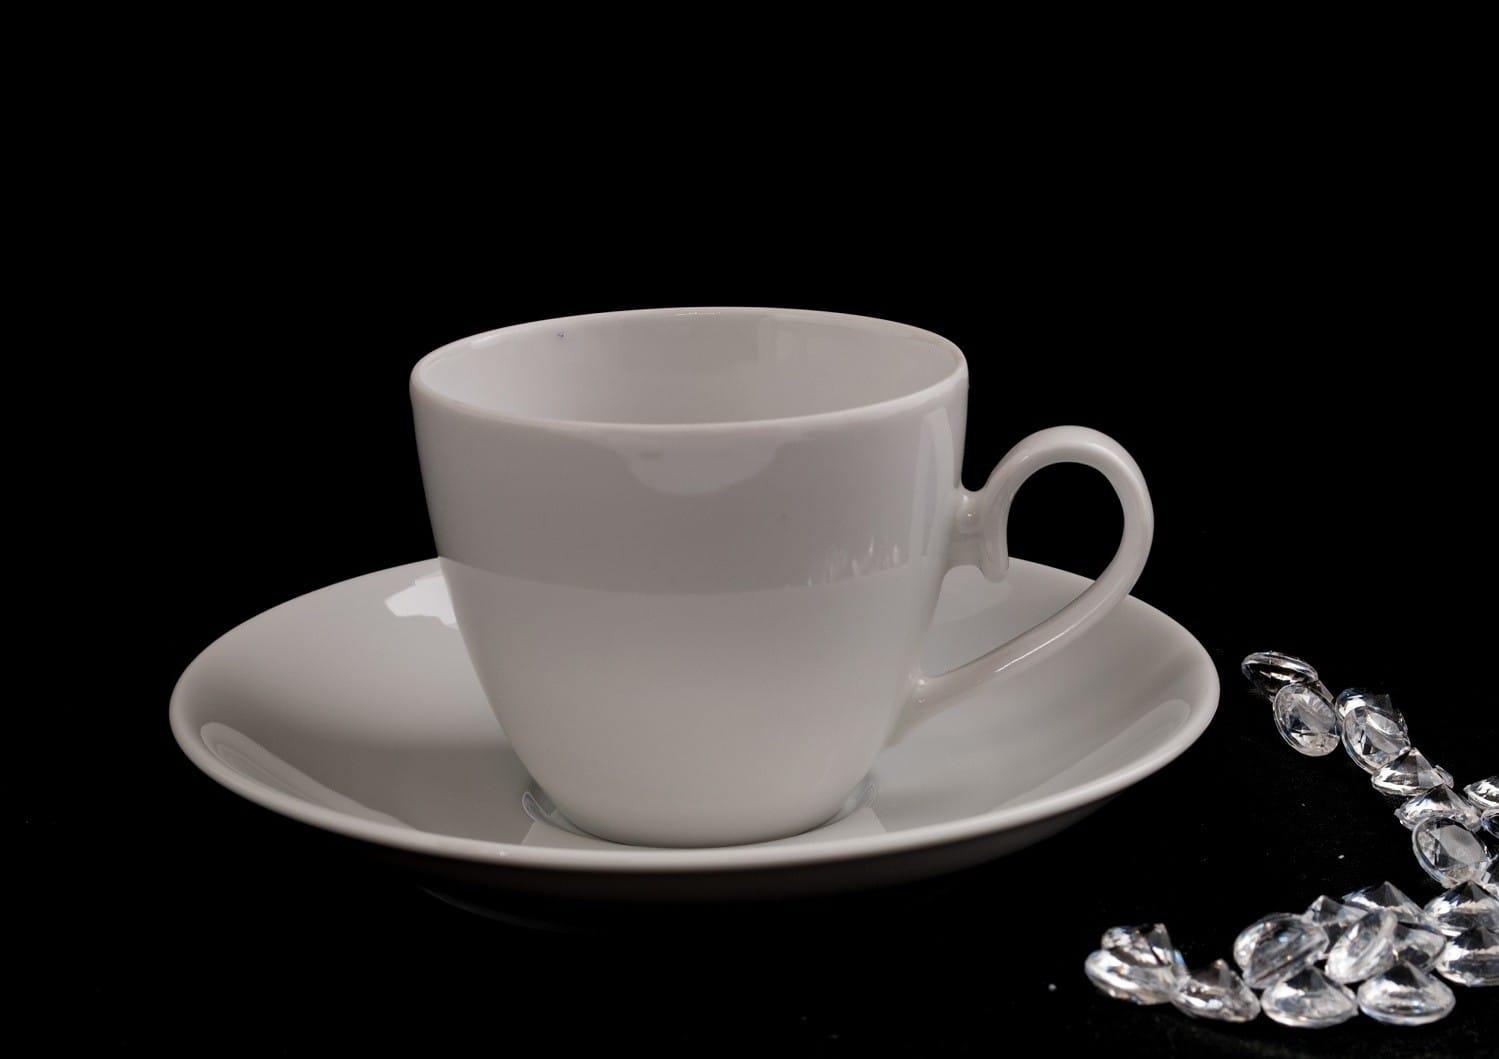 Pocillo café Volare